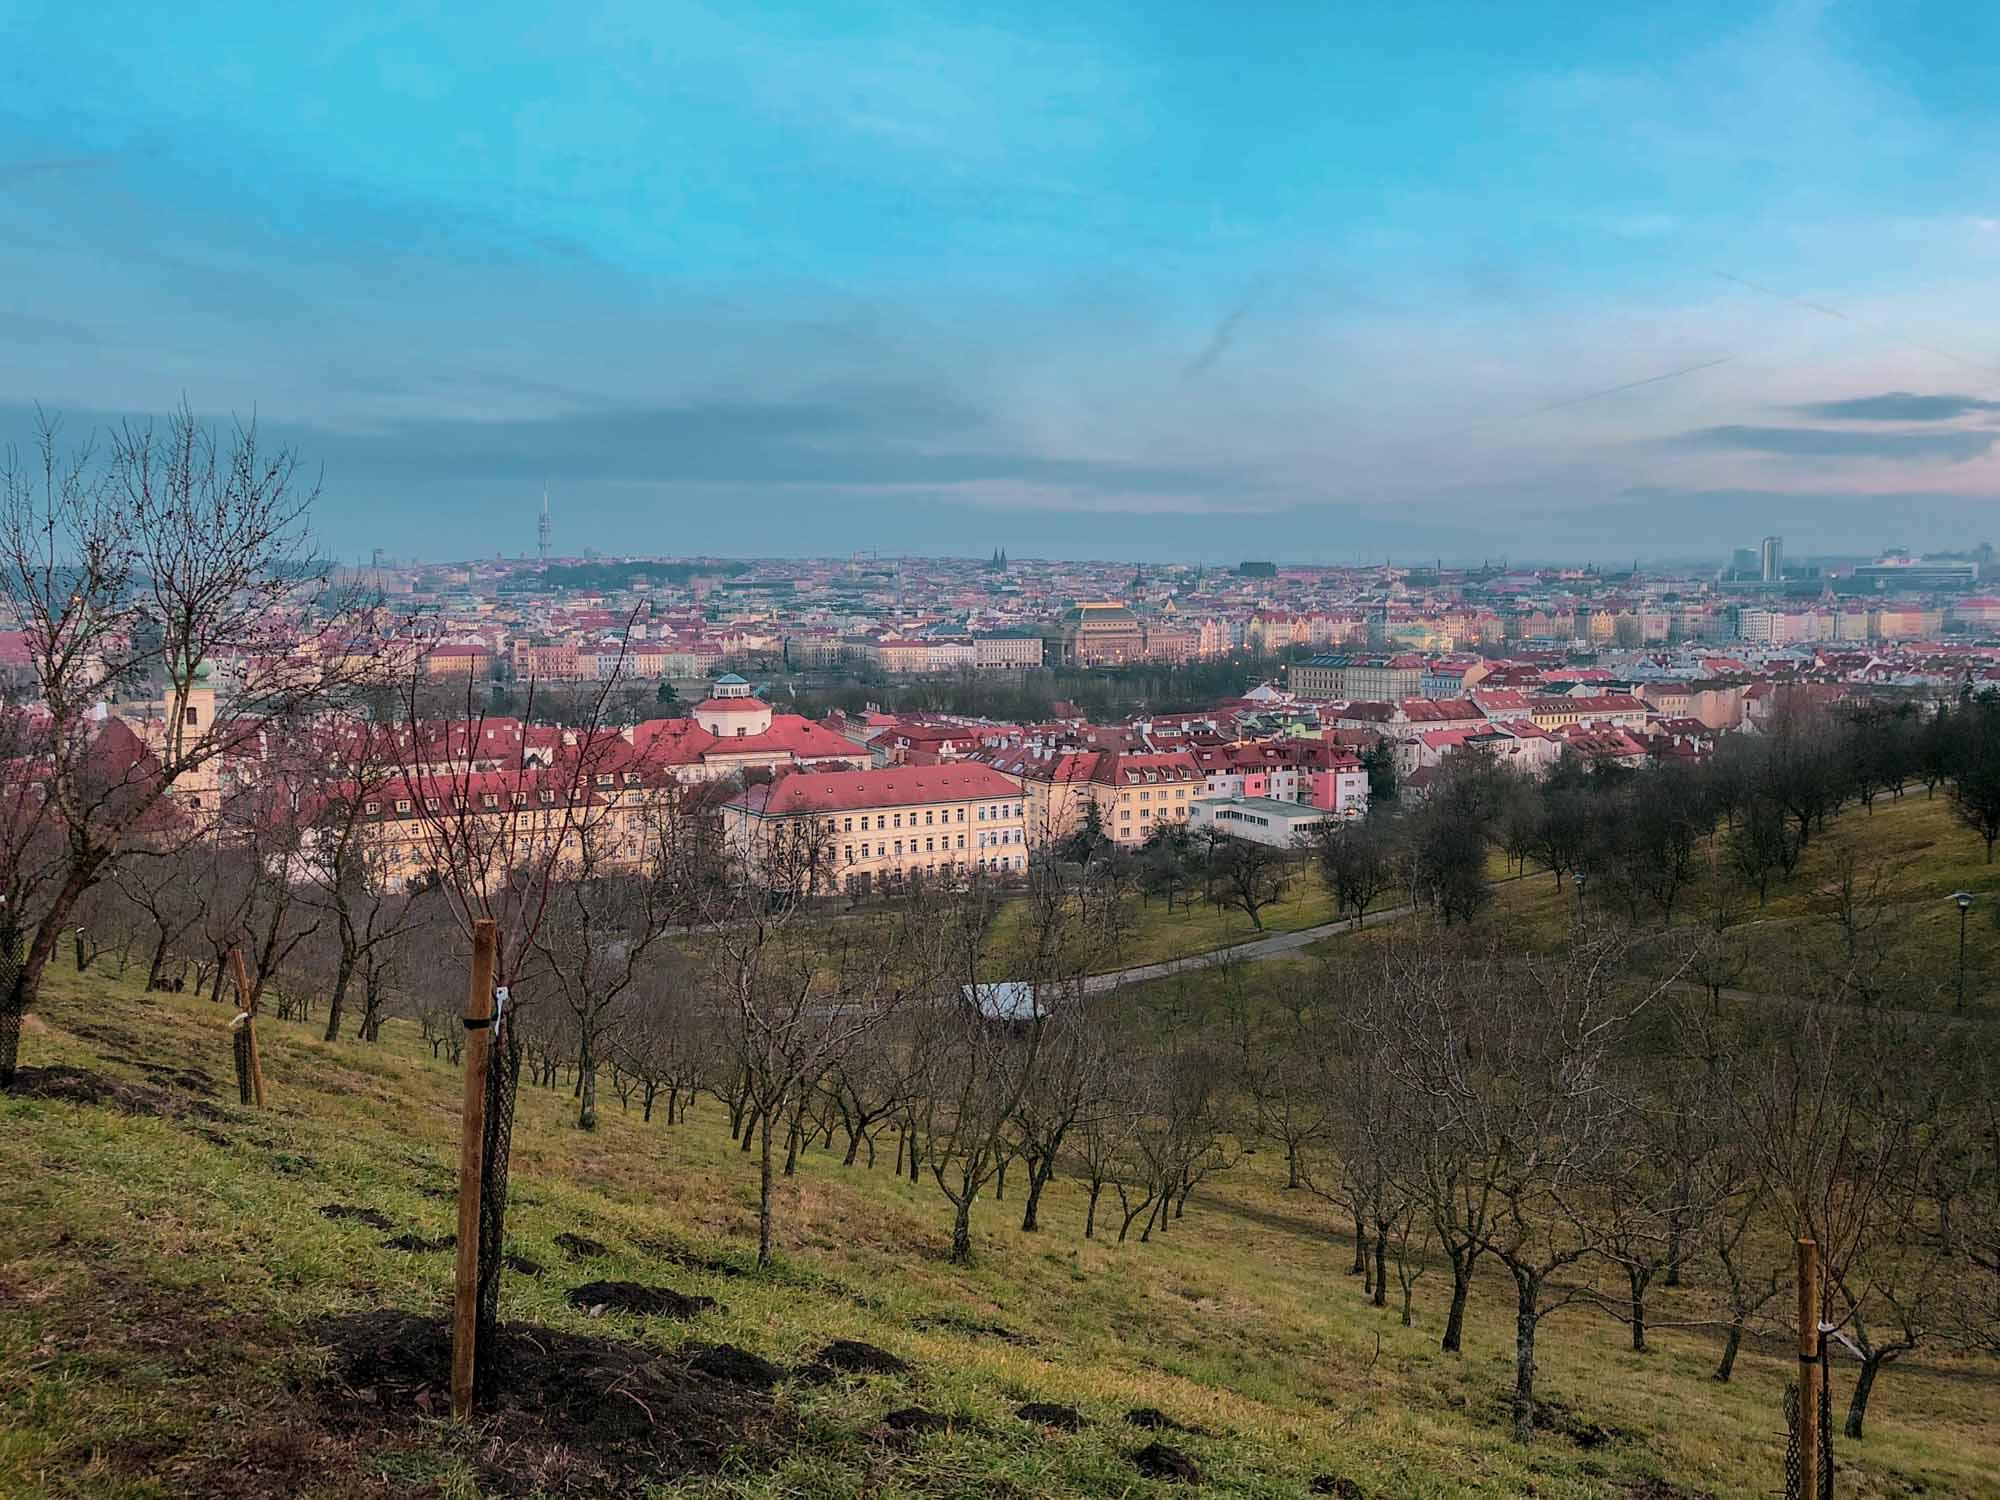 Vue depuis le parc de Petřín